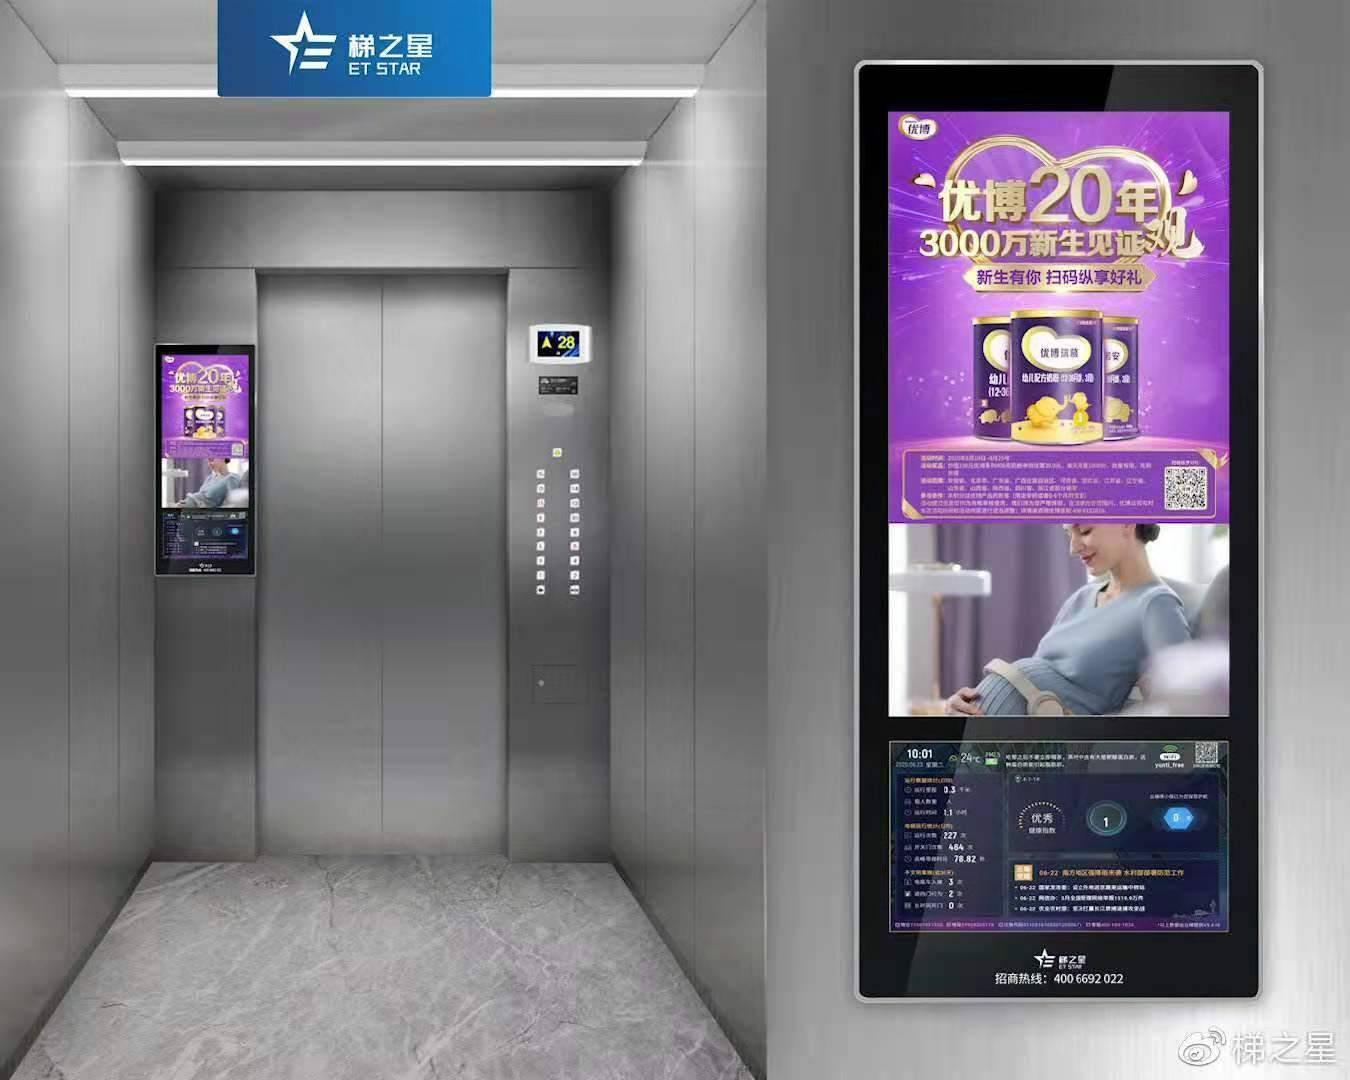 郑州电梯视频拉菲7广告